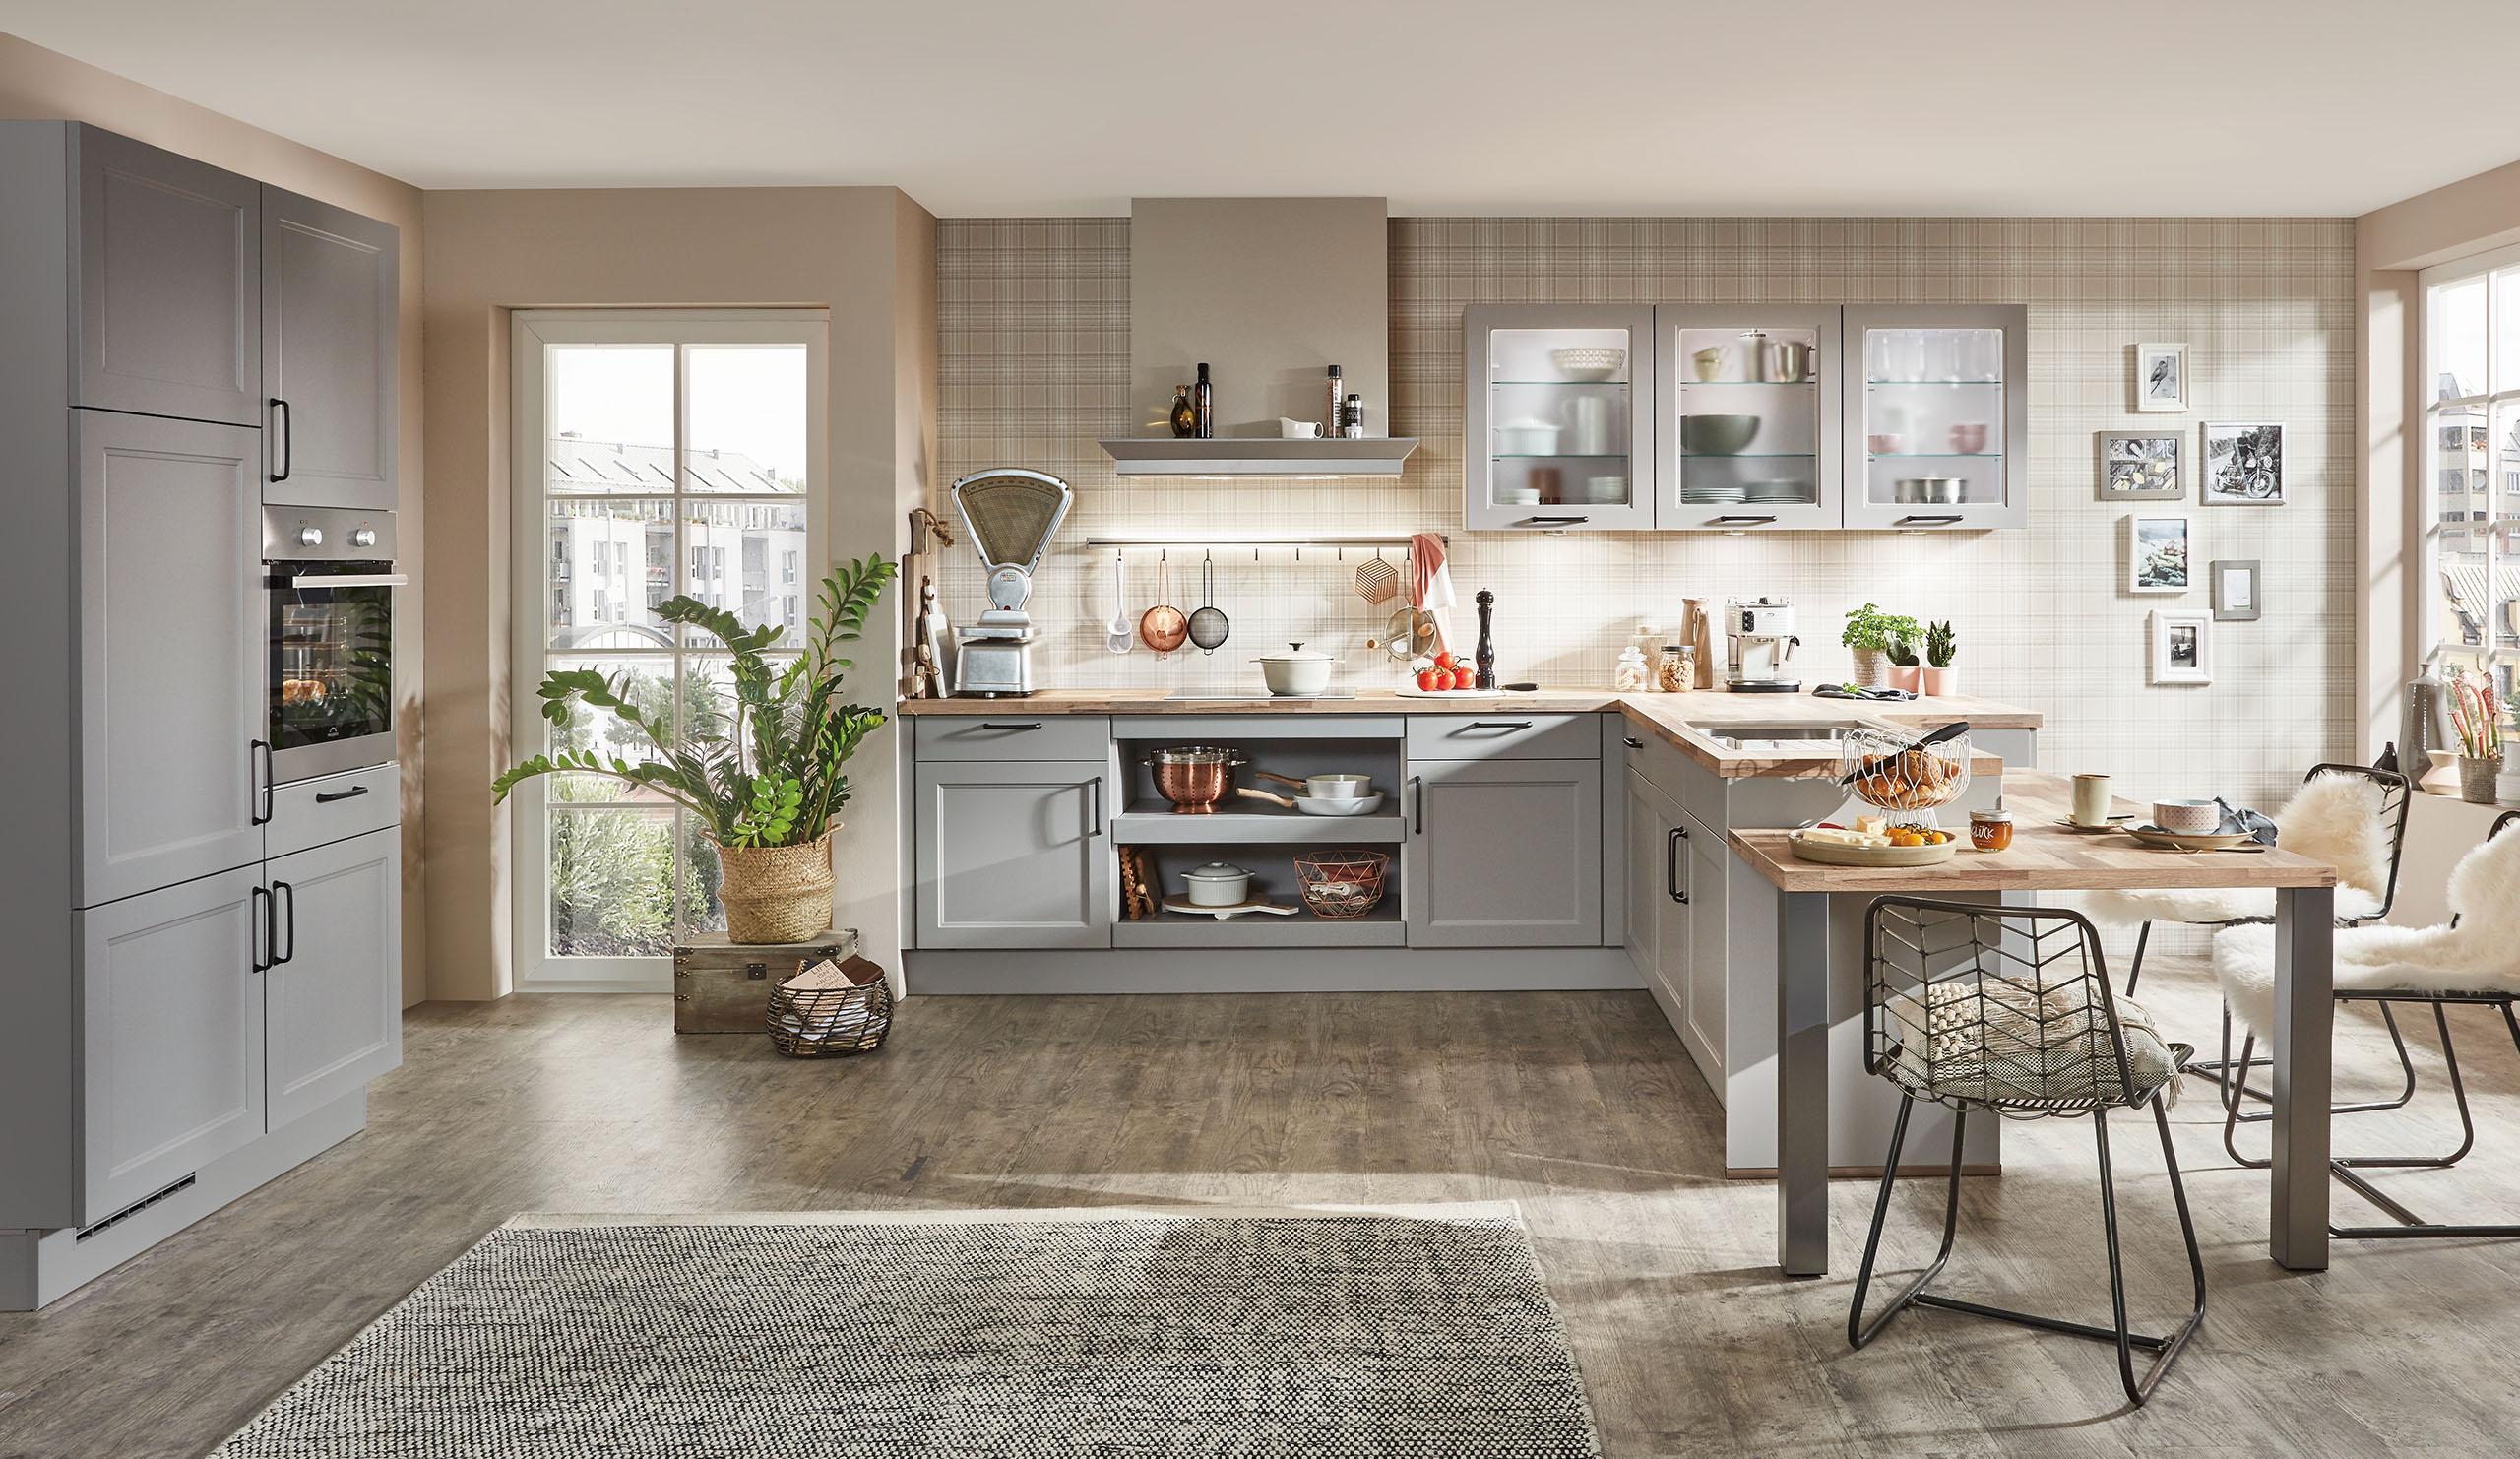 Full Size of Küchen Quelle Landhaus Einbaukche Norina 7684 Steingrau Kchenquelle Regal Wohnzimmer Küchen Quelle